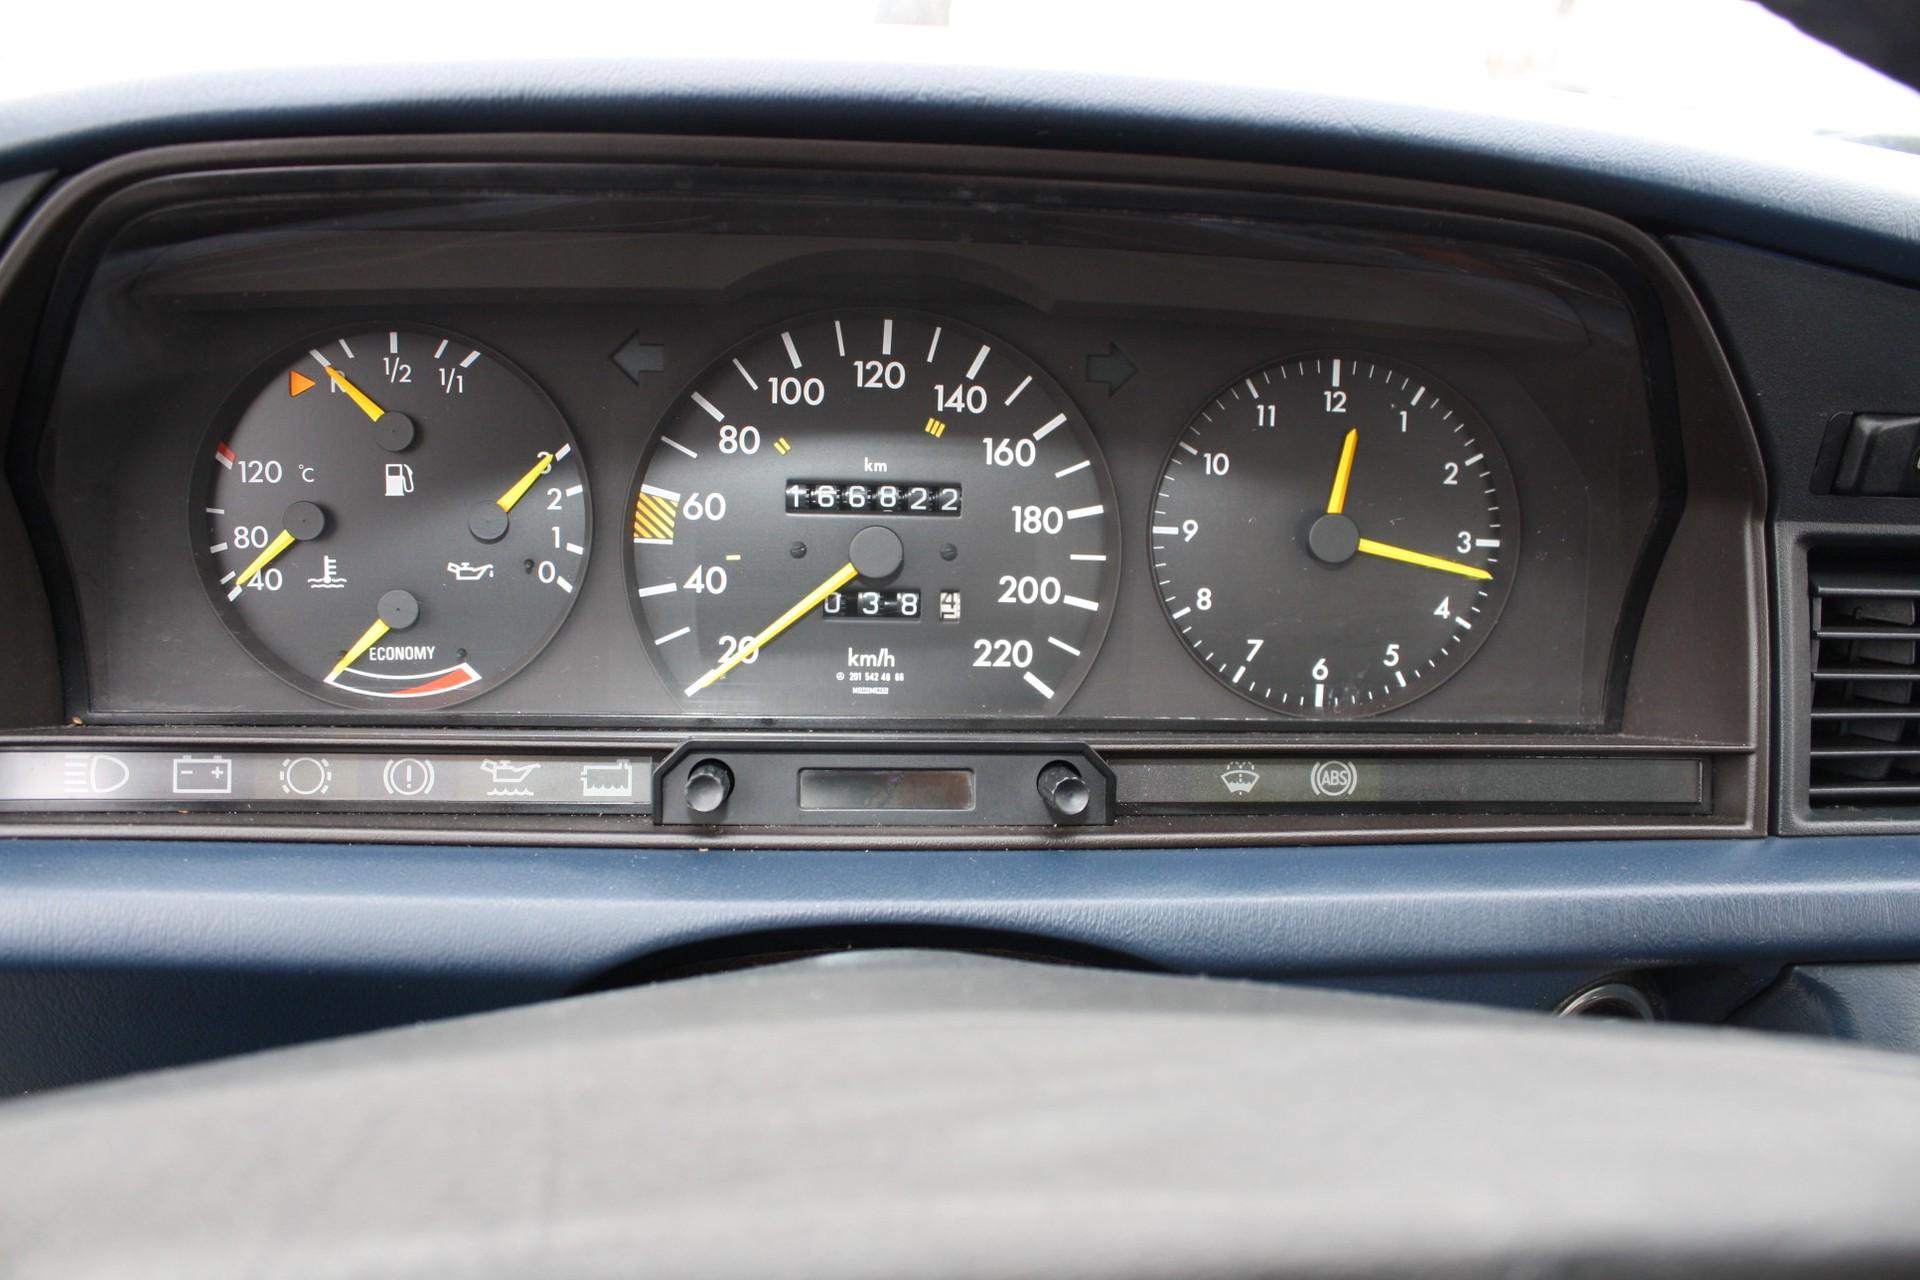 Mercedes-Benz 190 2.0 E automaat Foto 5